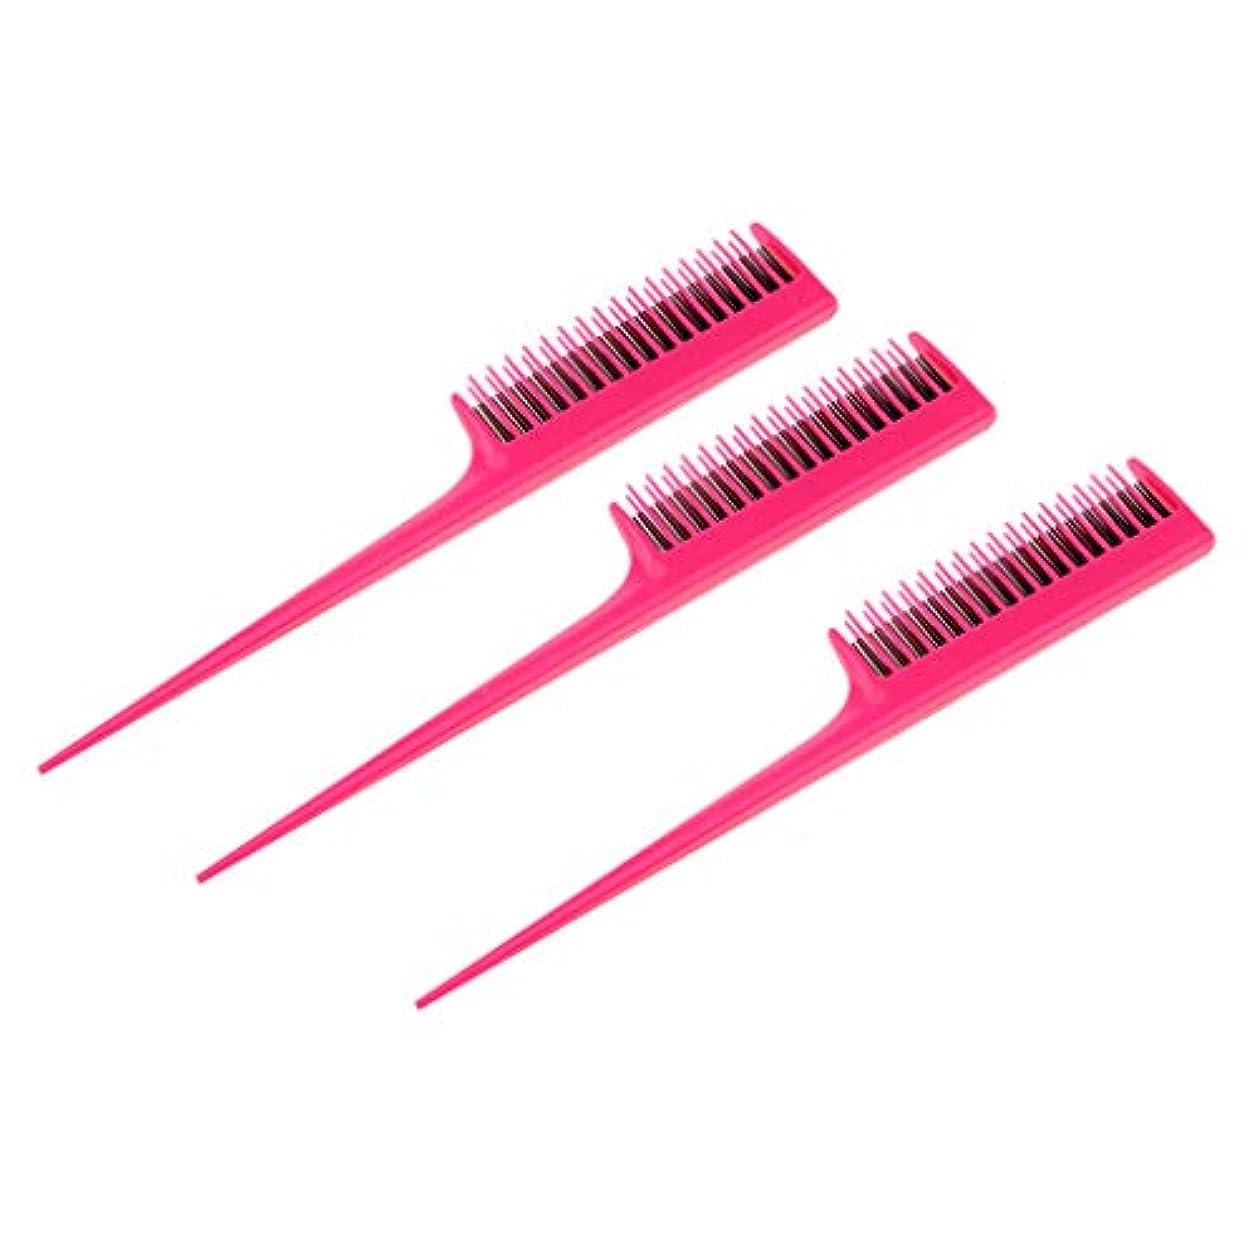 困難別の疾患CUTICATE ヘアダイコーム 櫛 ヘアコーム ヘアブラシ プラスチック 染毛剤 ツール 3個入り